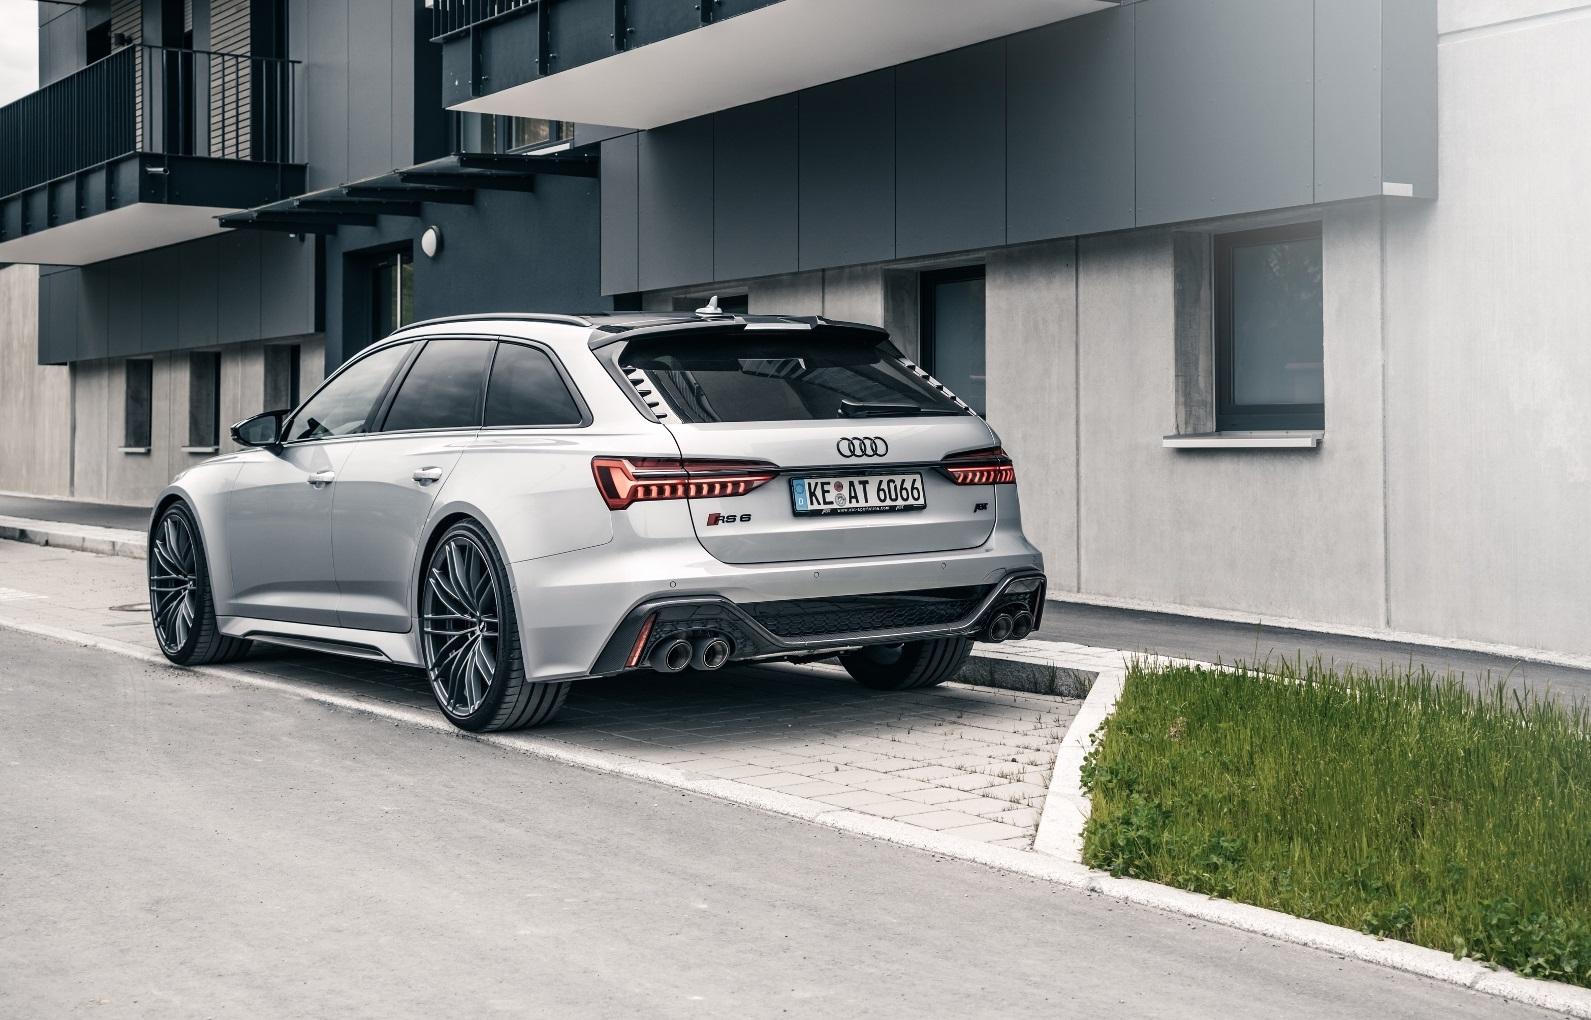 Audi RS6 od ABT dostalo emotívnejší zvuk a vyšší výkon